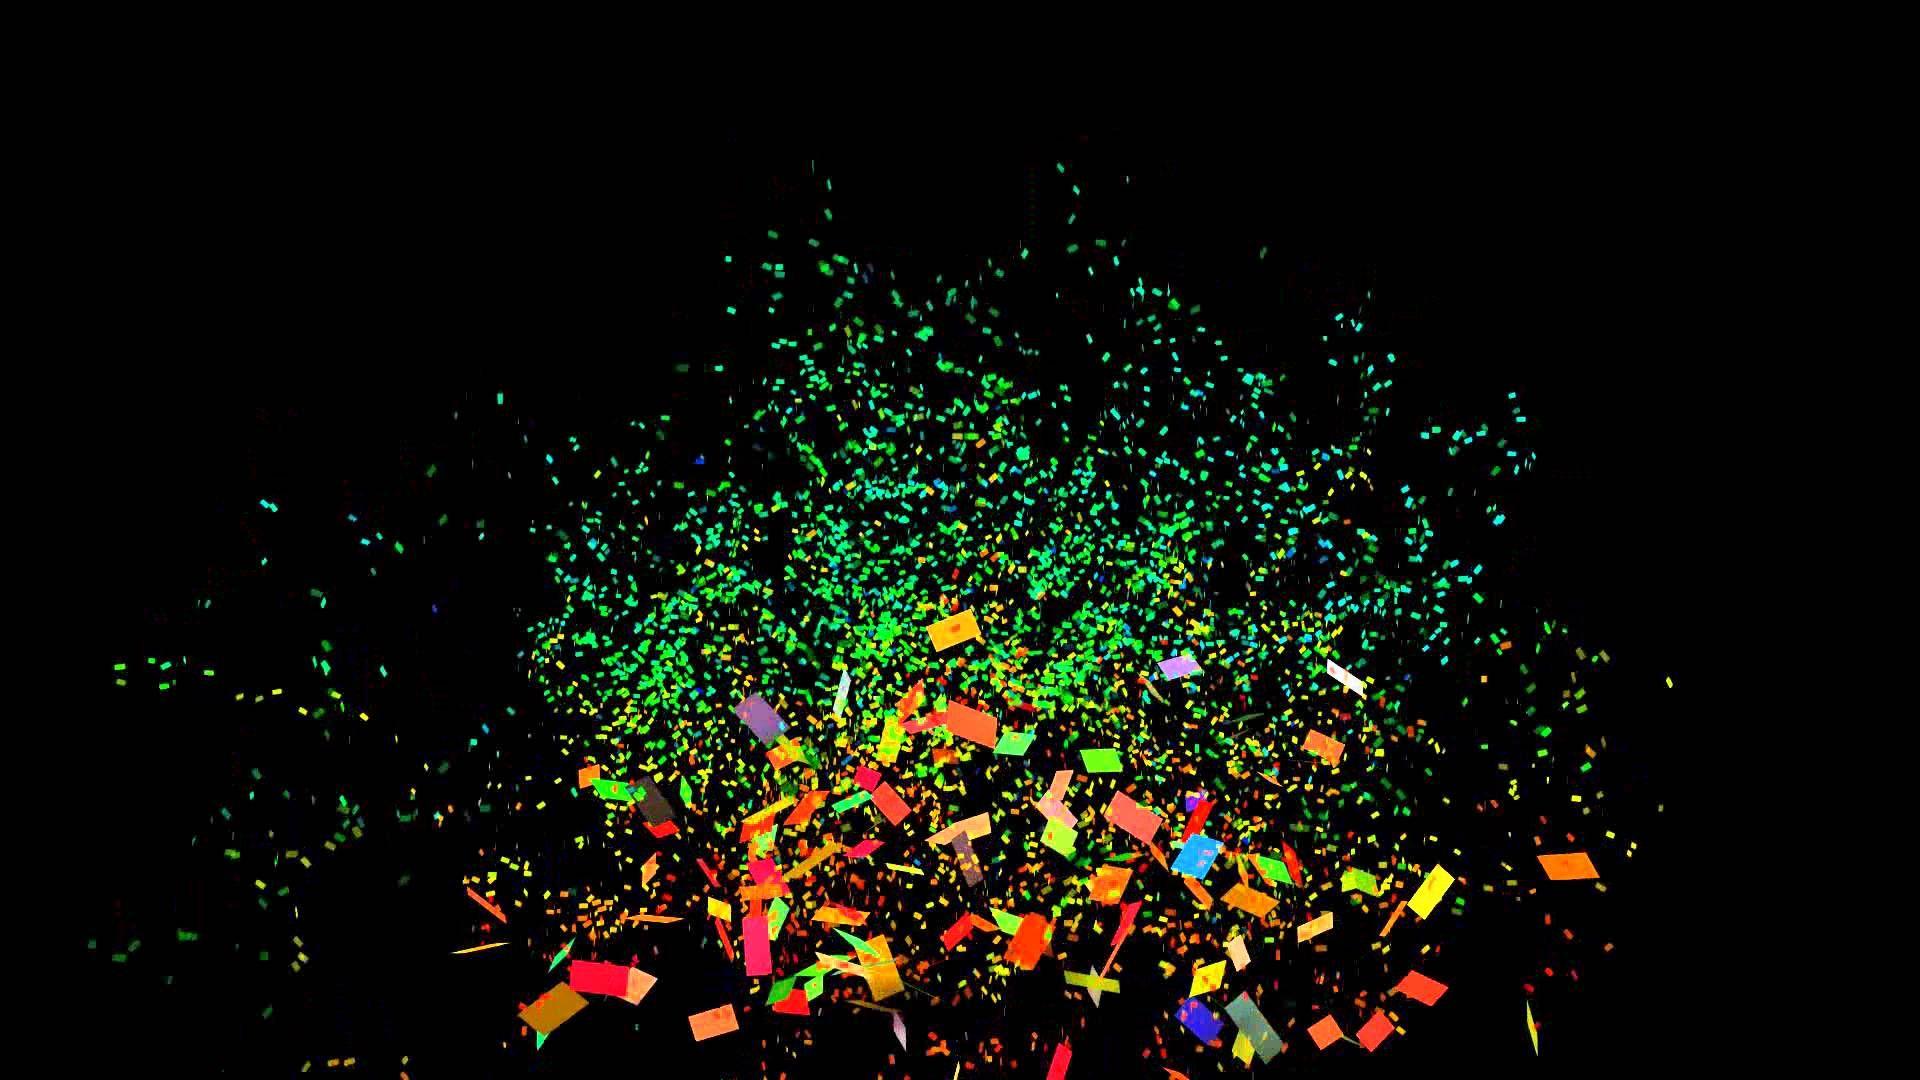 2 Confetti Cannon 1080p Full Hd Confetti With Black Background Black Background Images Background Images Background